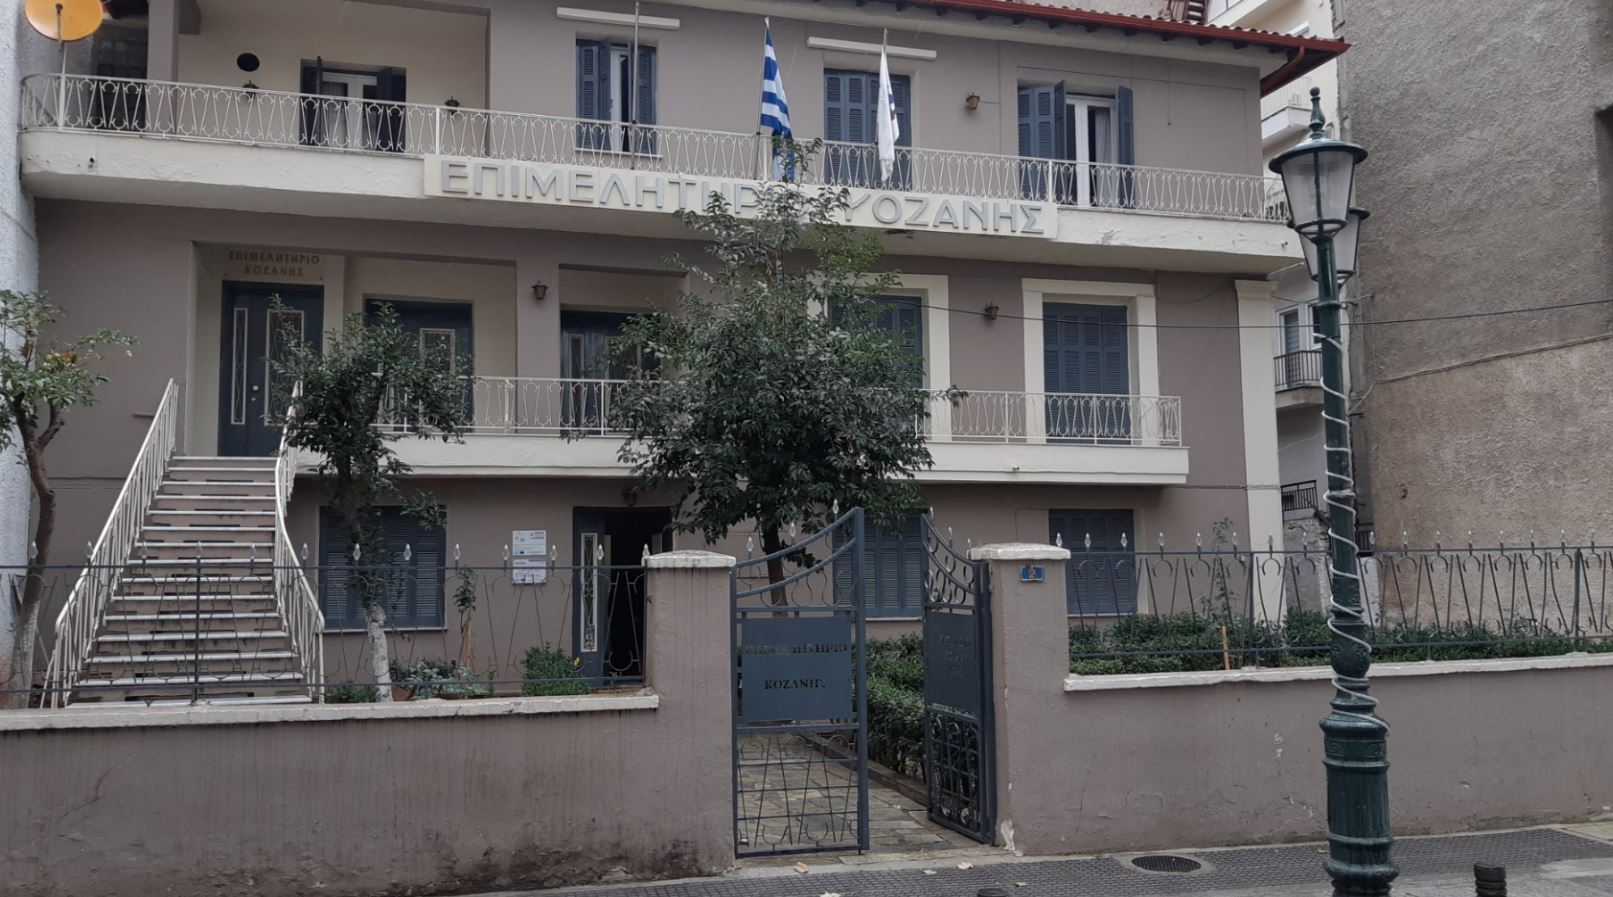 Το Επιμελητήριο Κοζάνης ζητά από τους αρμόδιους Υπουργούς άμεση λήψη μέτρων στήριξης των κατασκευαστικών-τεχνικών επιχειρήσεων και των εργαζομένων τους που πλήττονται από την αναστολή των εργασιών του έργου της ΔΕΗ «Πτολεμαΐδα V»